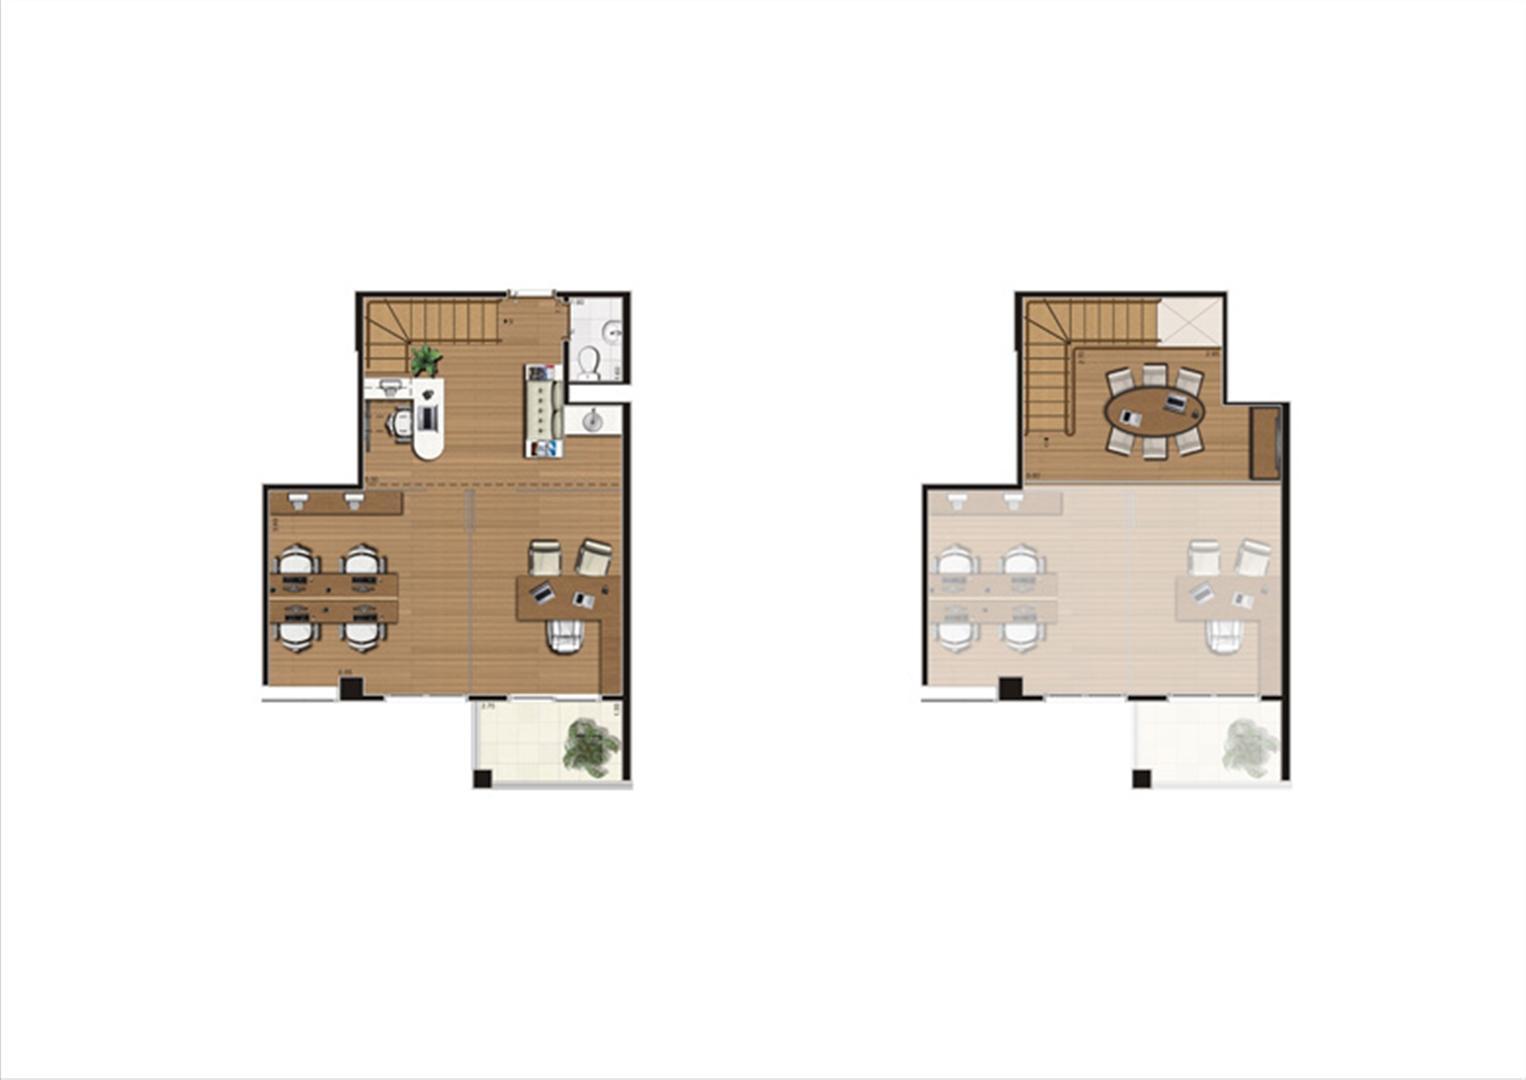 Duplex de 67 m²  Finais 1, 9, 10 e 24   Luzes da Mooca - Atrio Giorno – Salas Comerciais na  Mooca - São Paulo - São Paulo